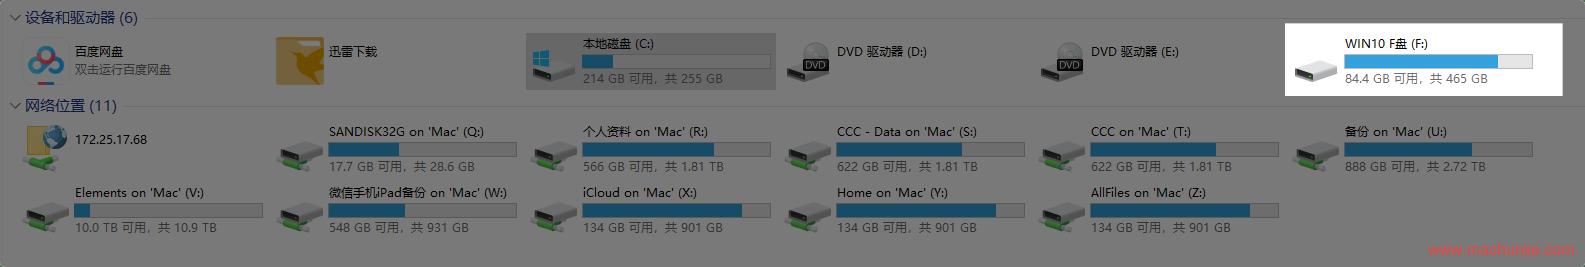 将本地磁盘挂载到Parallel Desktop中